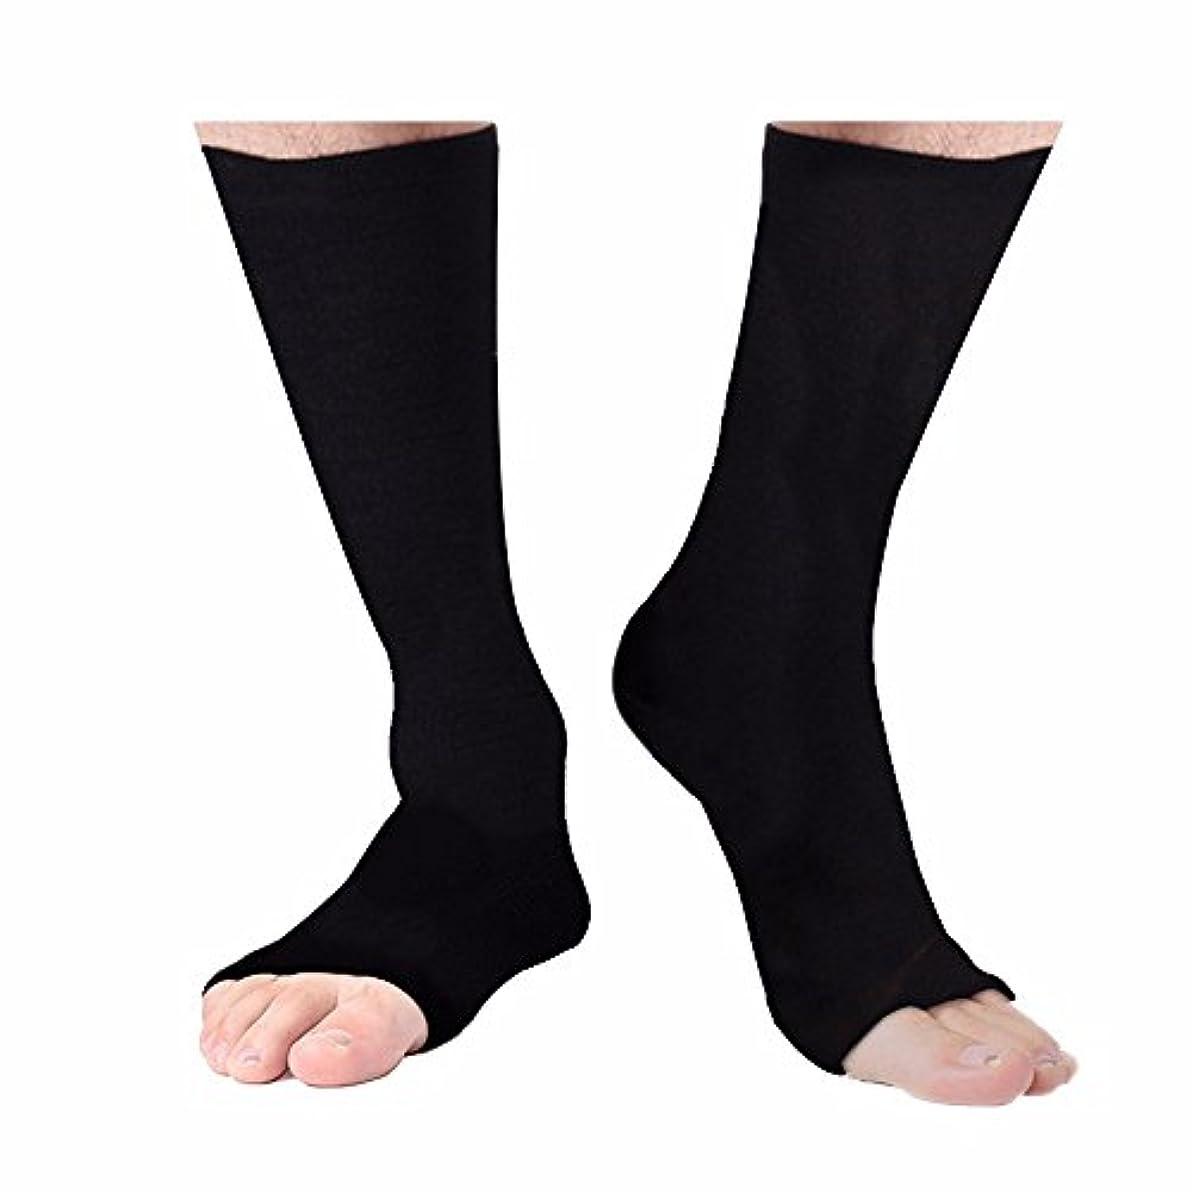 余分な作業横向きYartar 着圧ソックス オープントゥ 段階圧力 ハイソックス 膝下 むくみ対策 男女兼用 Open Toe Pressure Socks (ブラック, L:35cm)